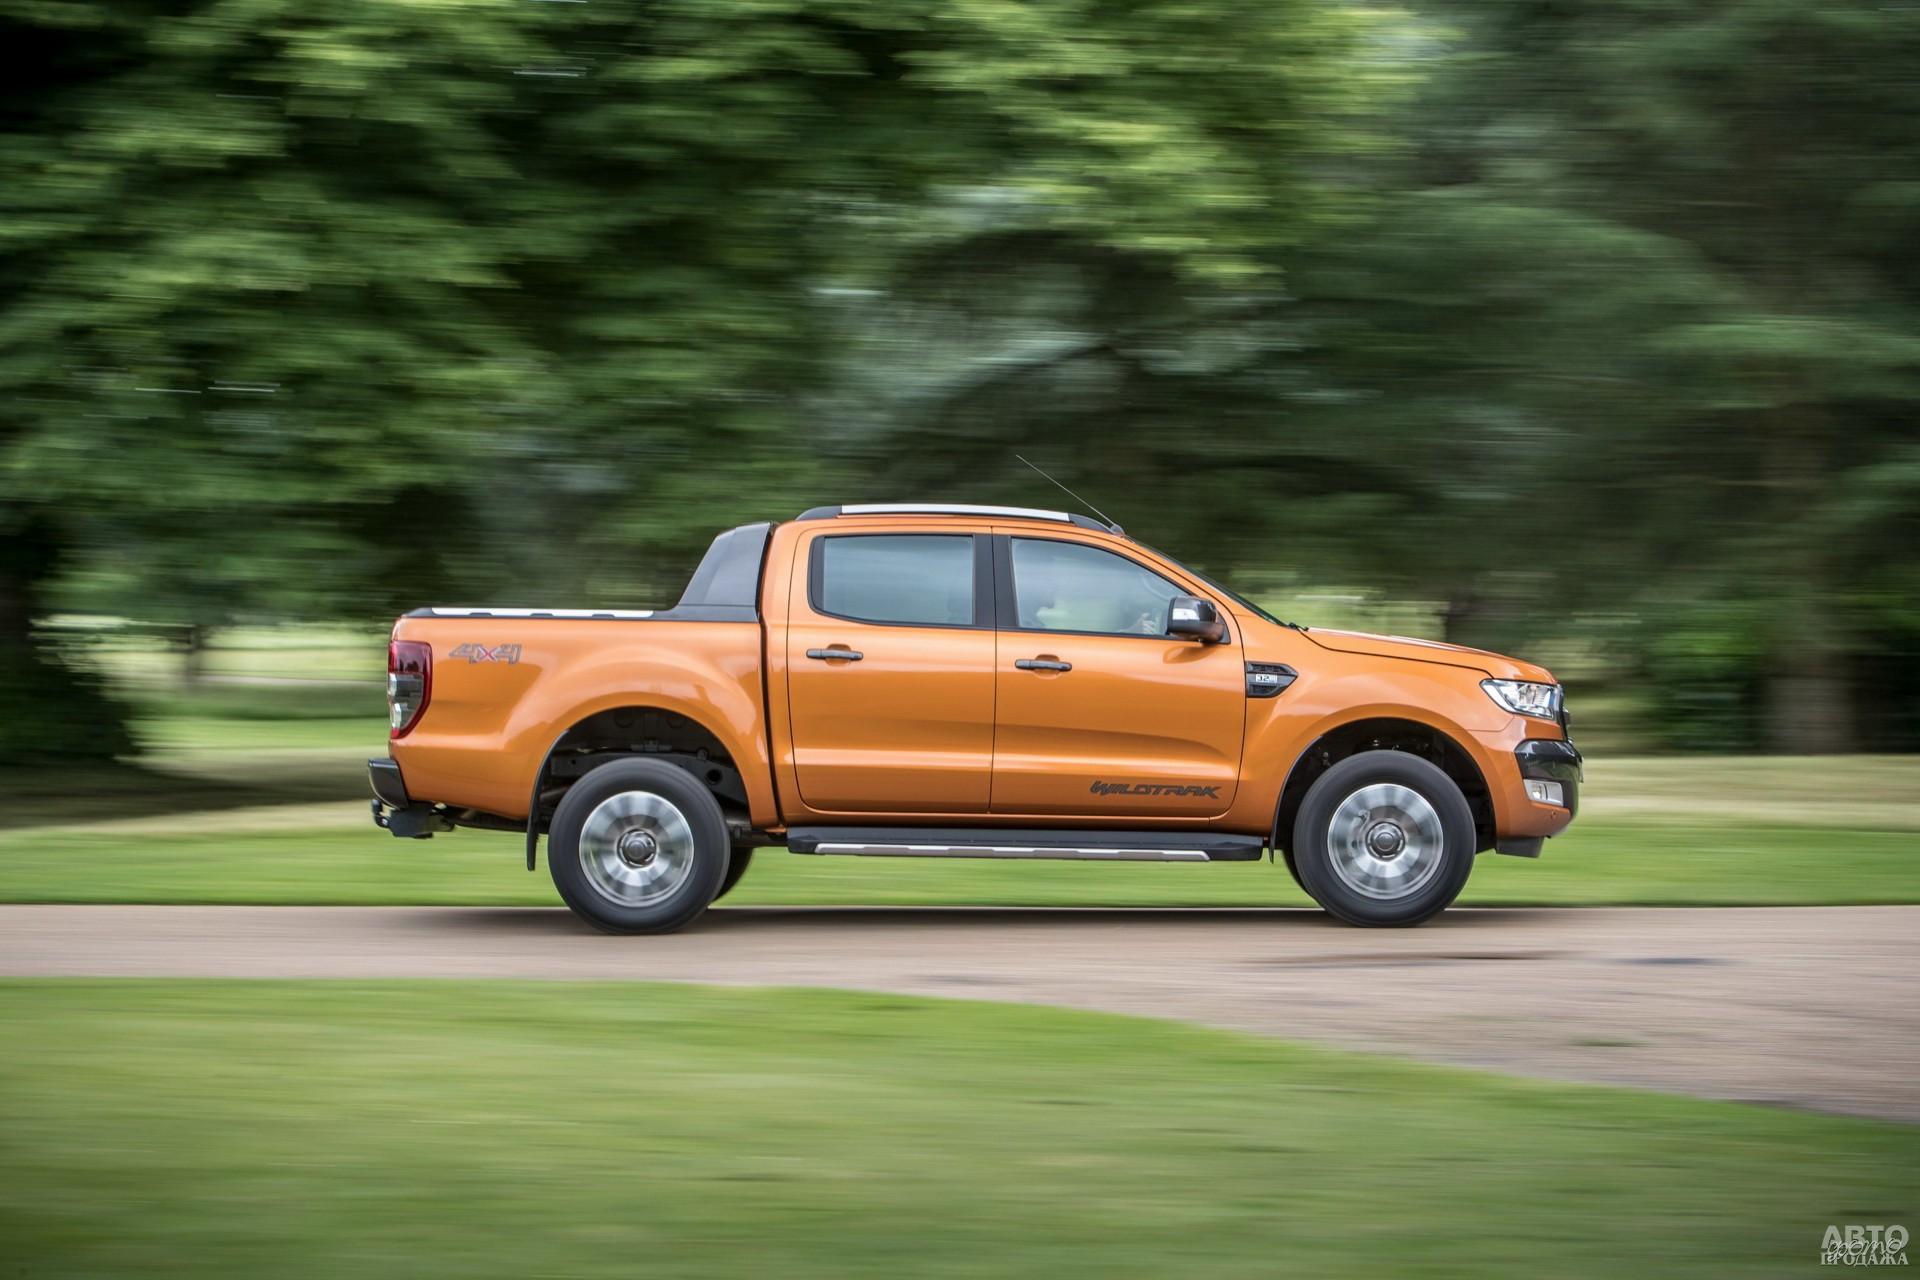 Ford самый крупный в этой тройке – 5359 мм